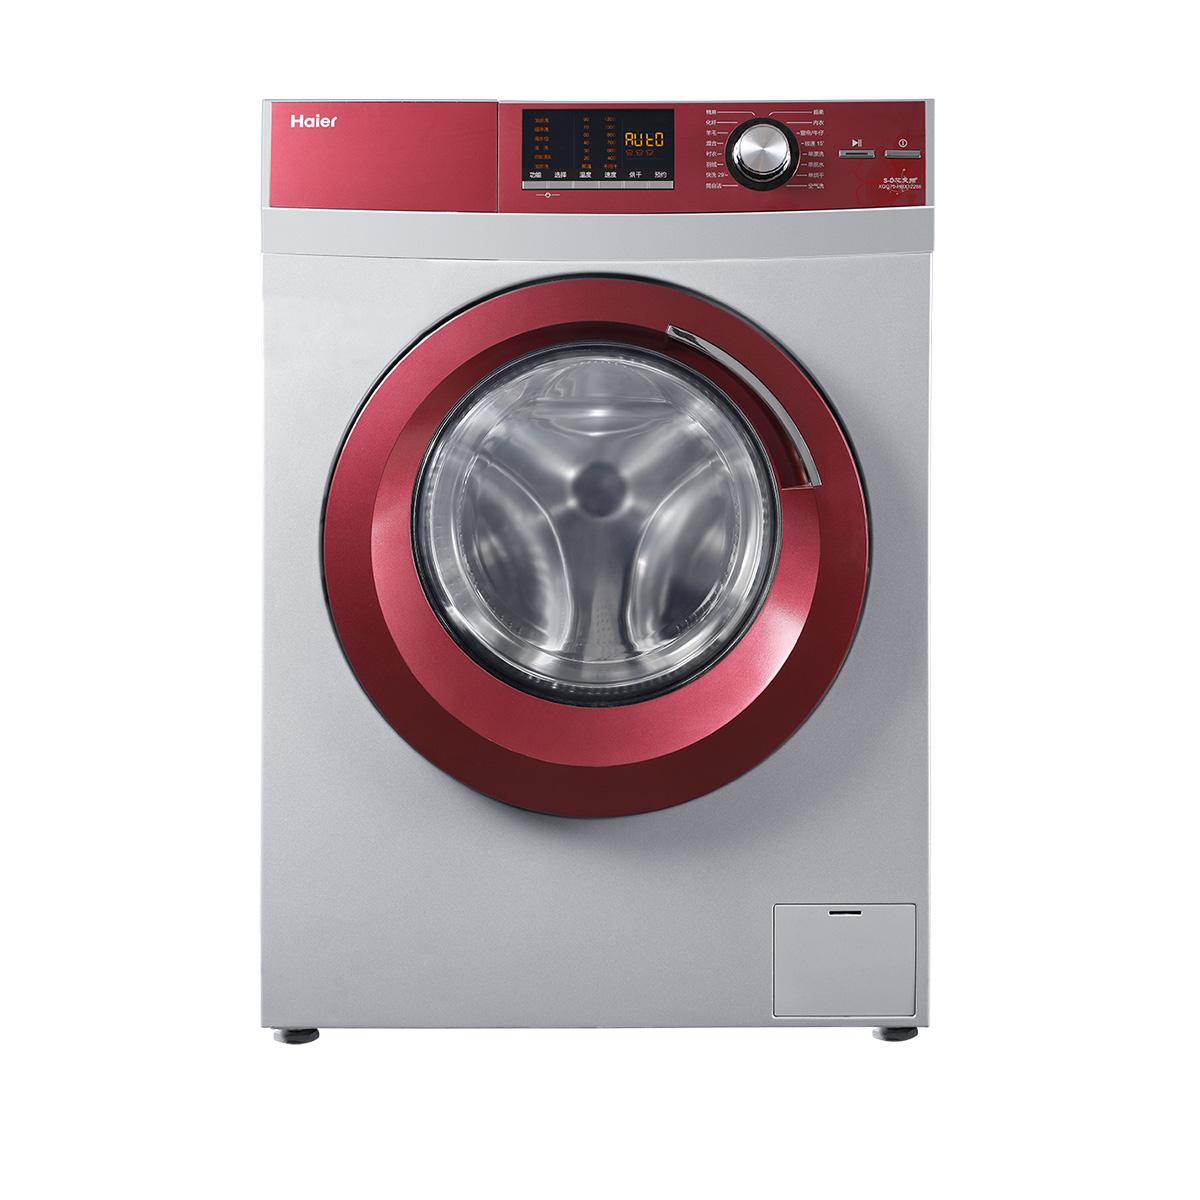 海尔Haier洗衣机 XQG70-HBX12288 说明书